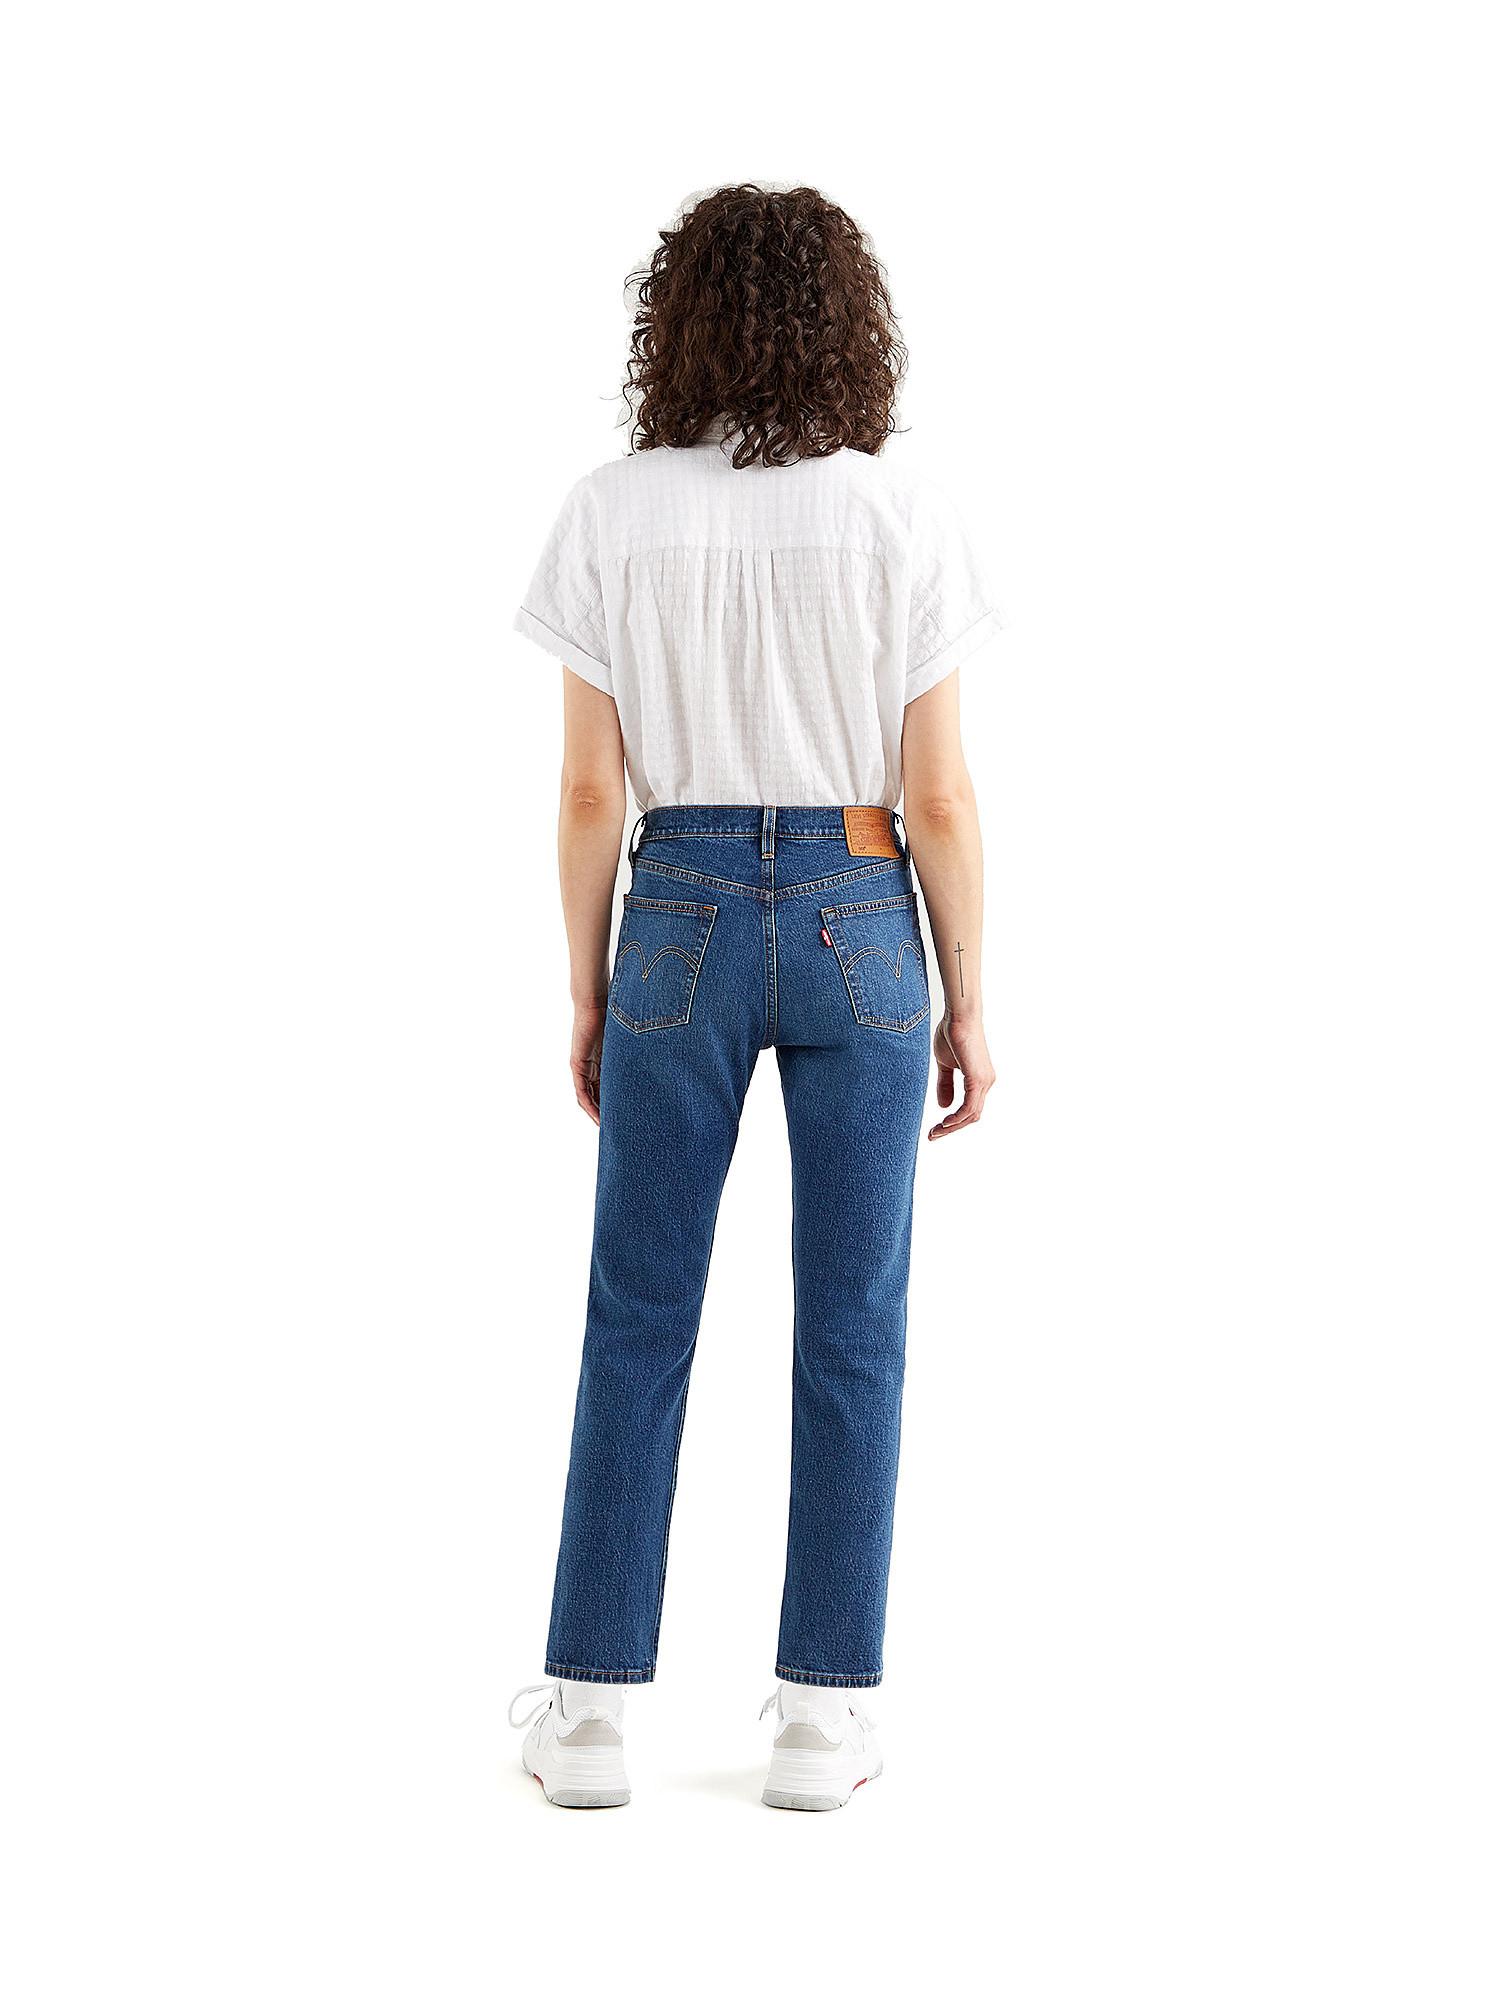 Jeans donna 501 crop, Denim, large image number 1